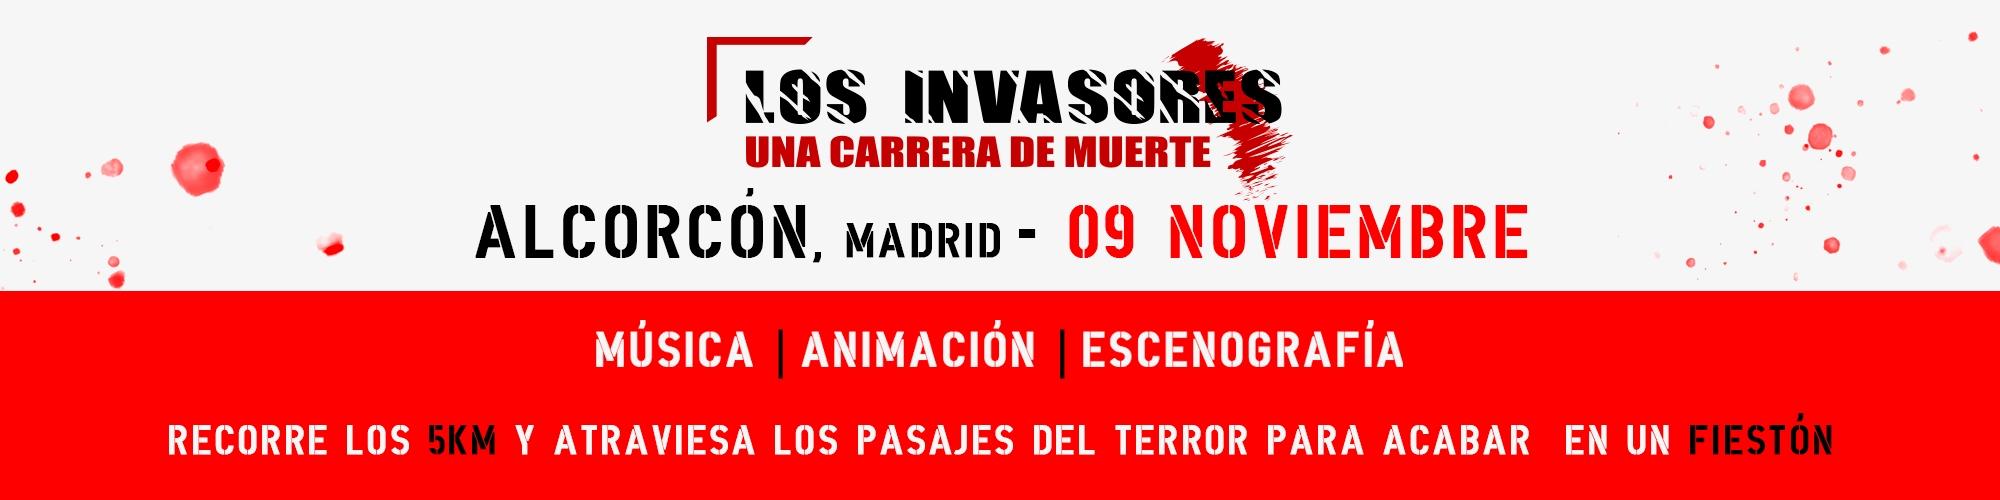 LOS INVASORES en Alcorcón 1st Edition 09-11-2019